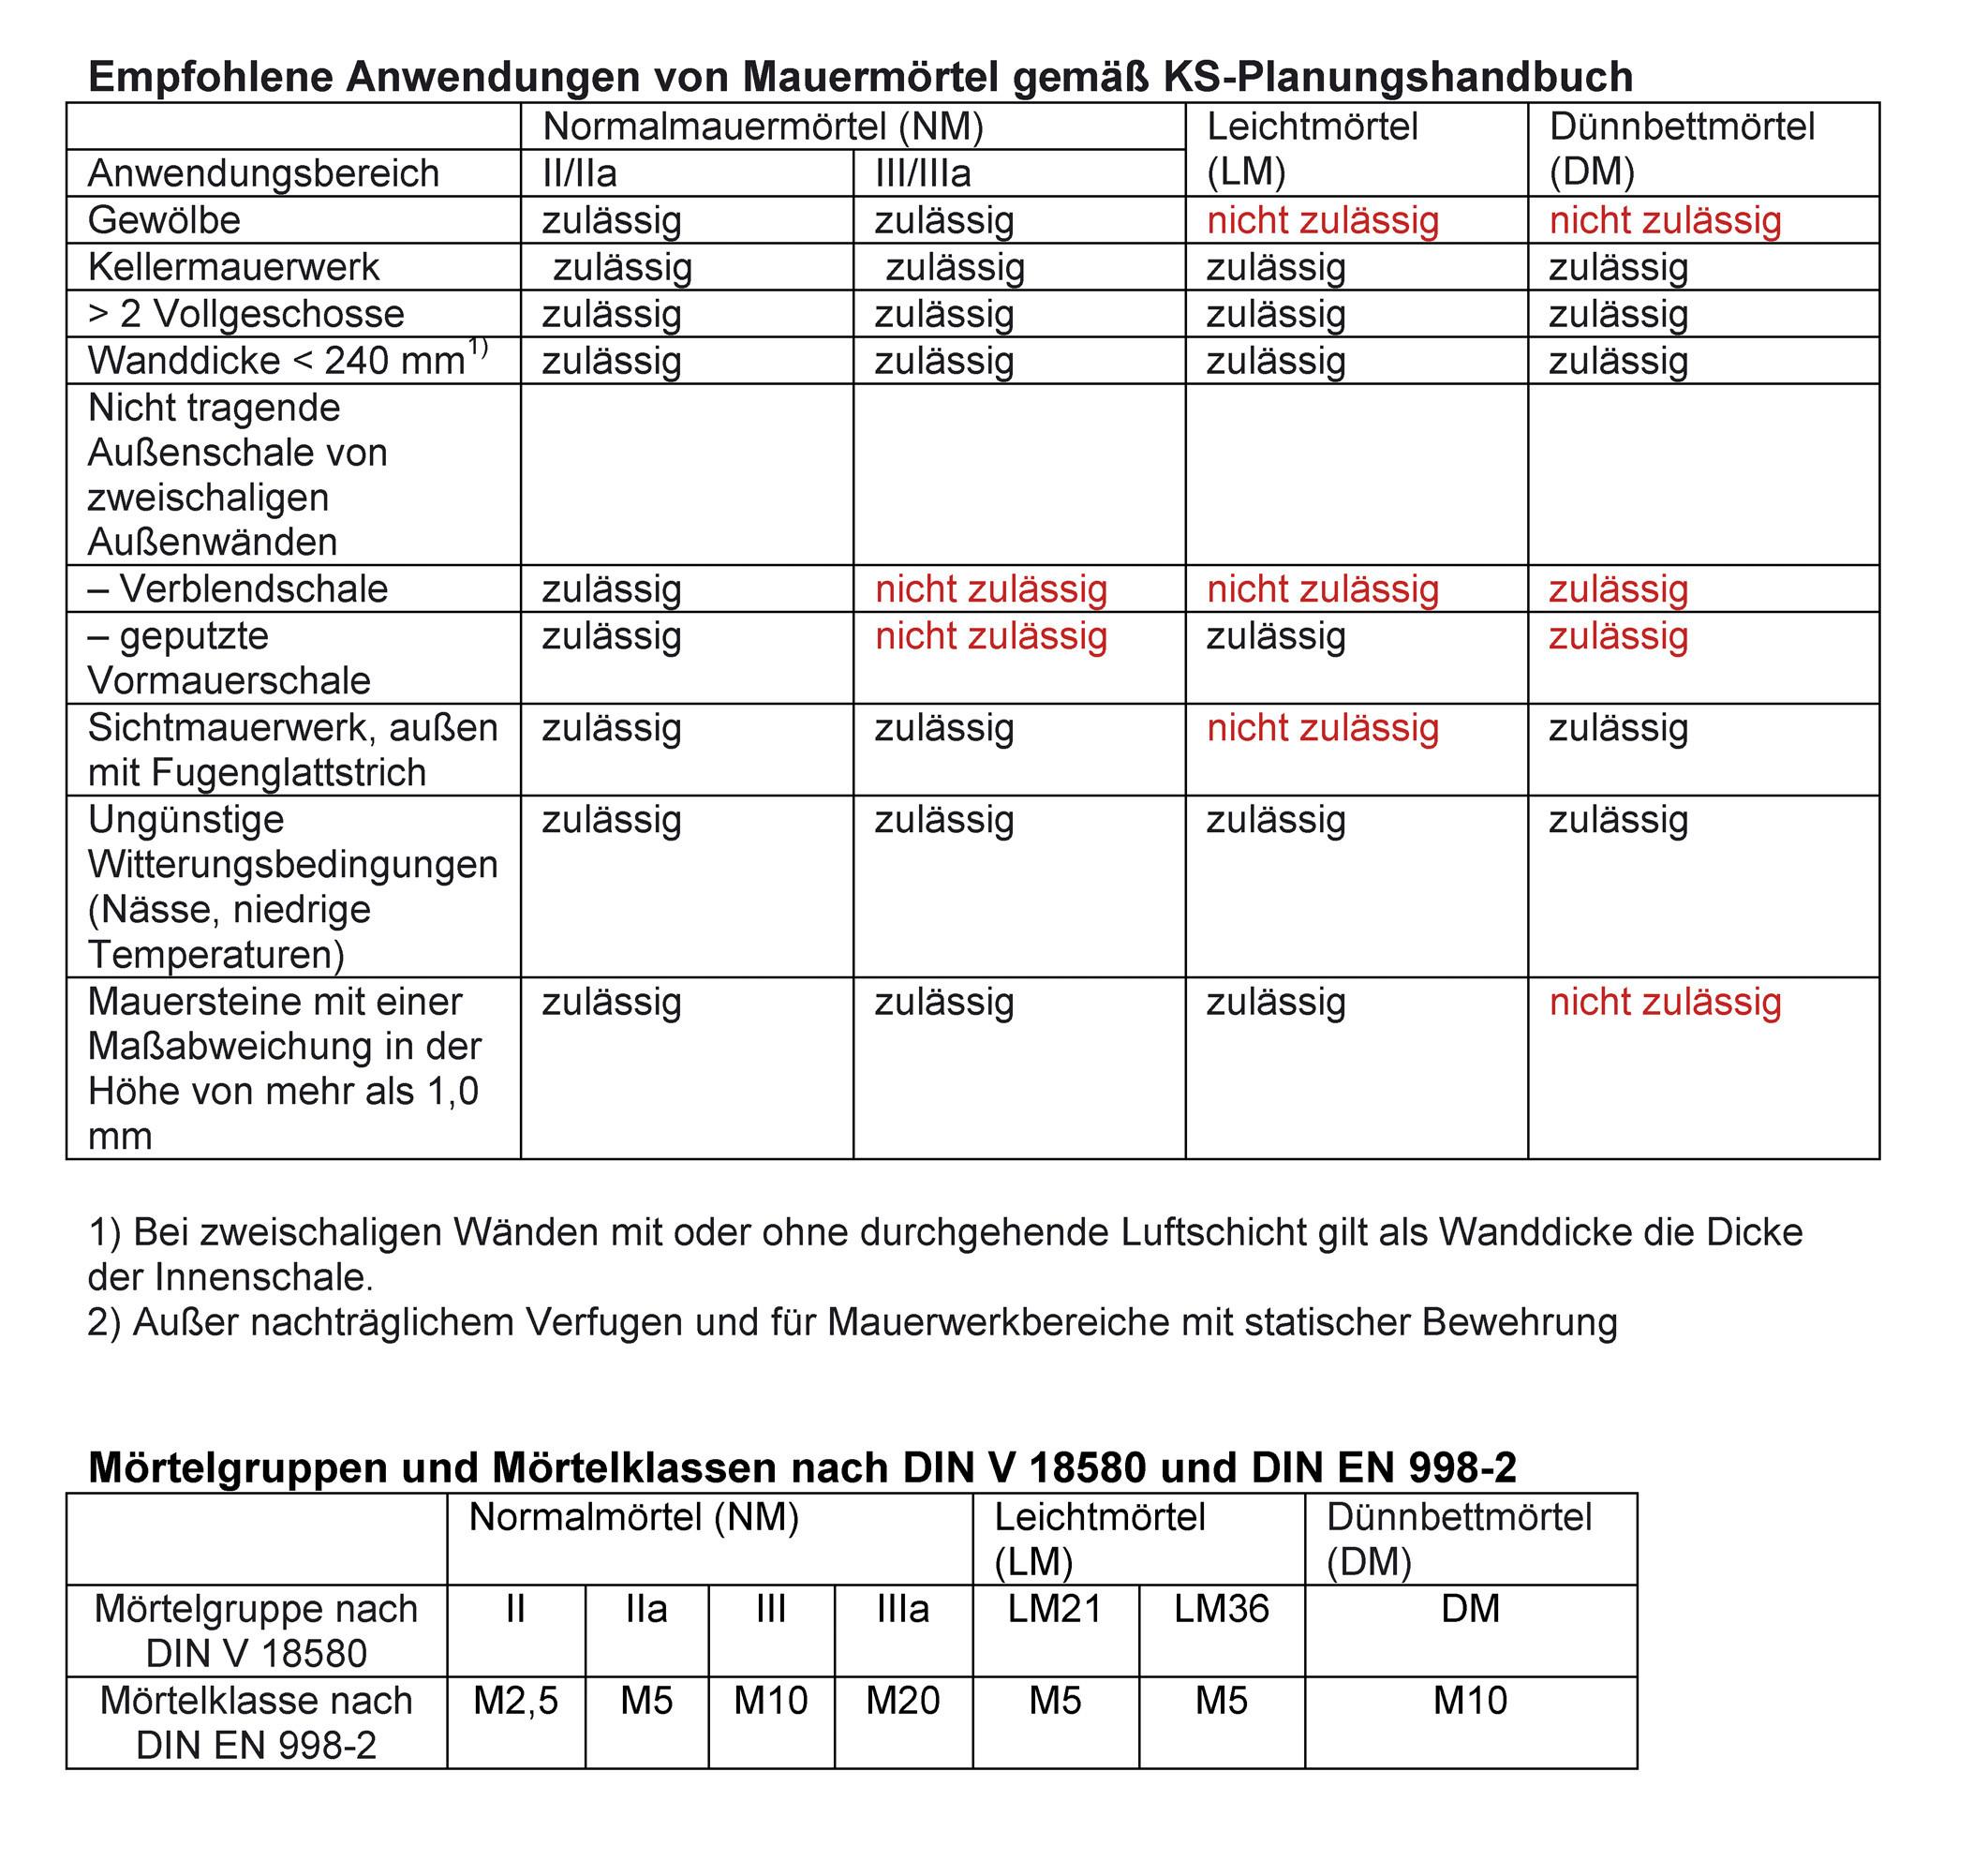 Mörtelgruppen Tabelle  Datei Mauermoertel – beton